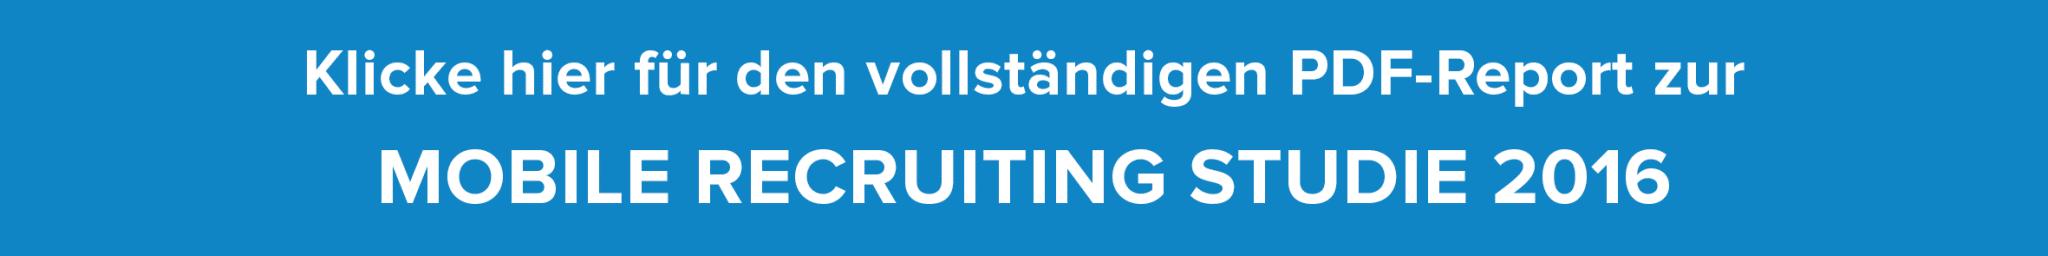 Jetzt PDF-Report zur Mobile Recruiting Studie runterladen!